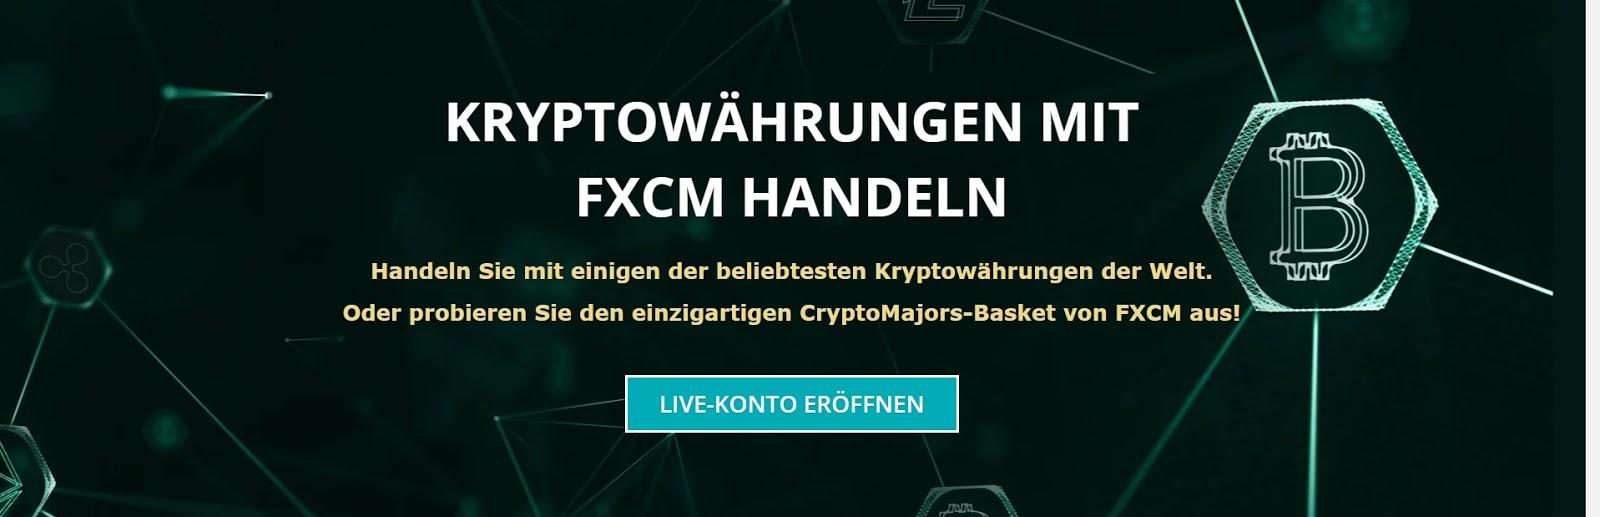 Kryptowährungen mit FXCM handeln